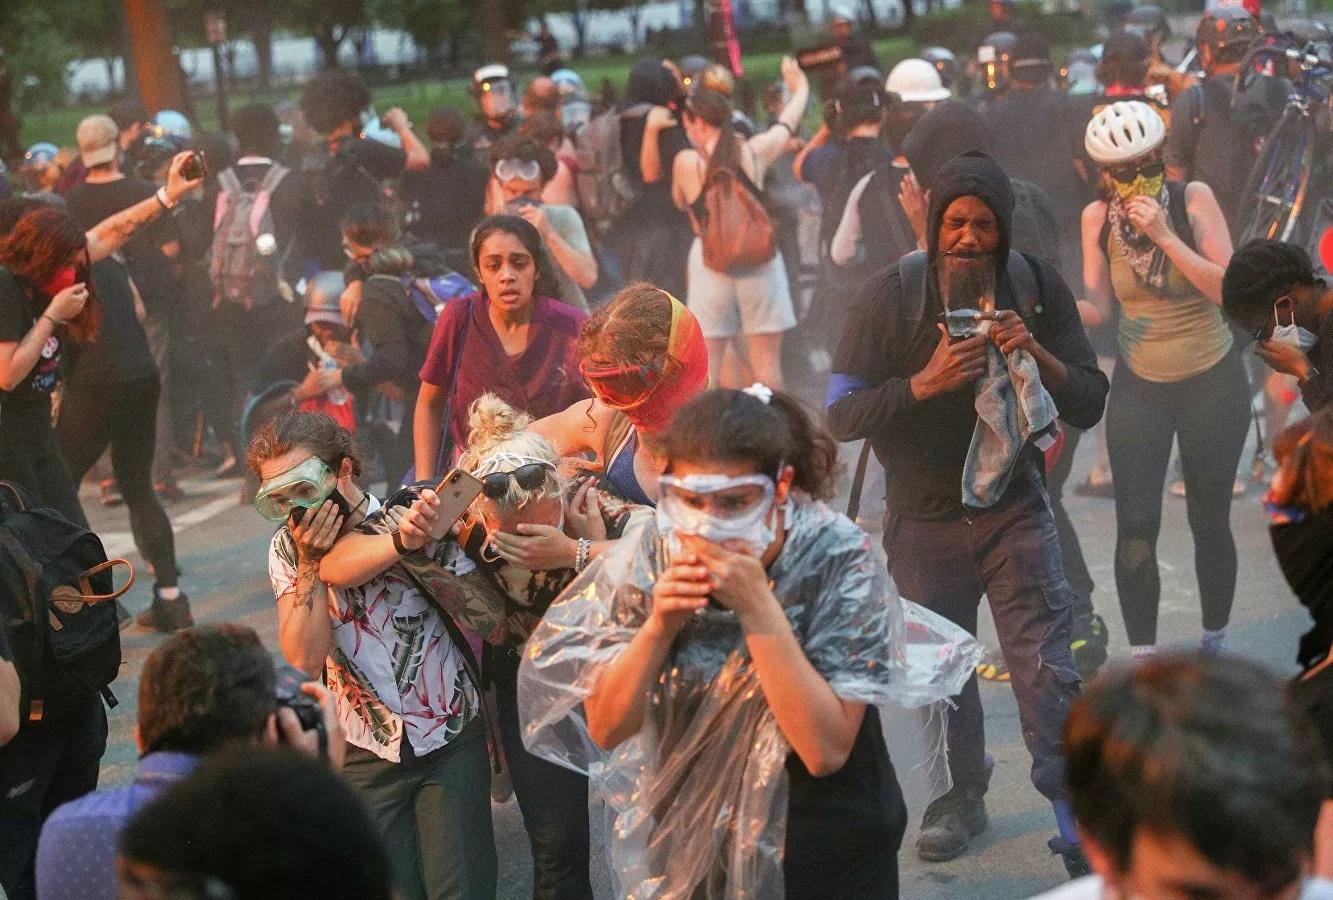 Chùm ảnh: Một tuần tràn ngập sự kiện nổi bật trên khắp thế giới